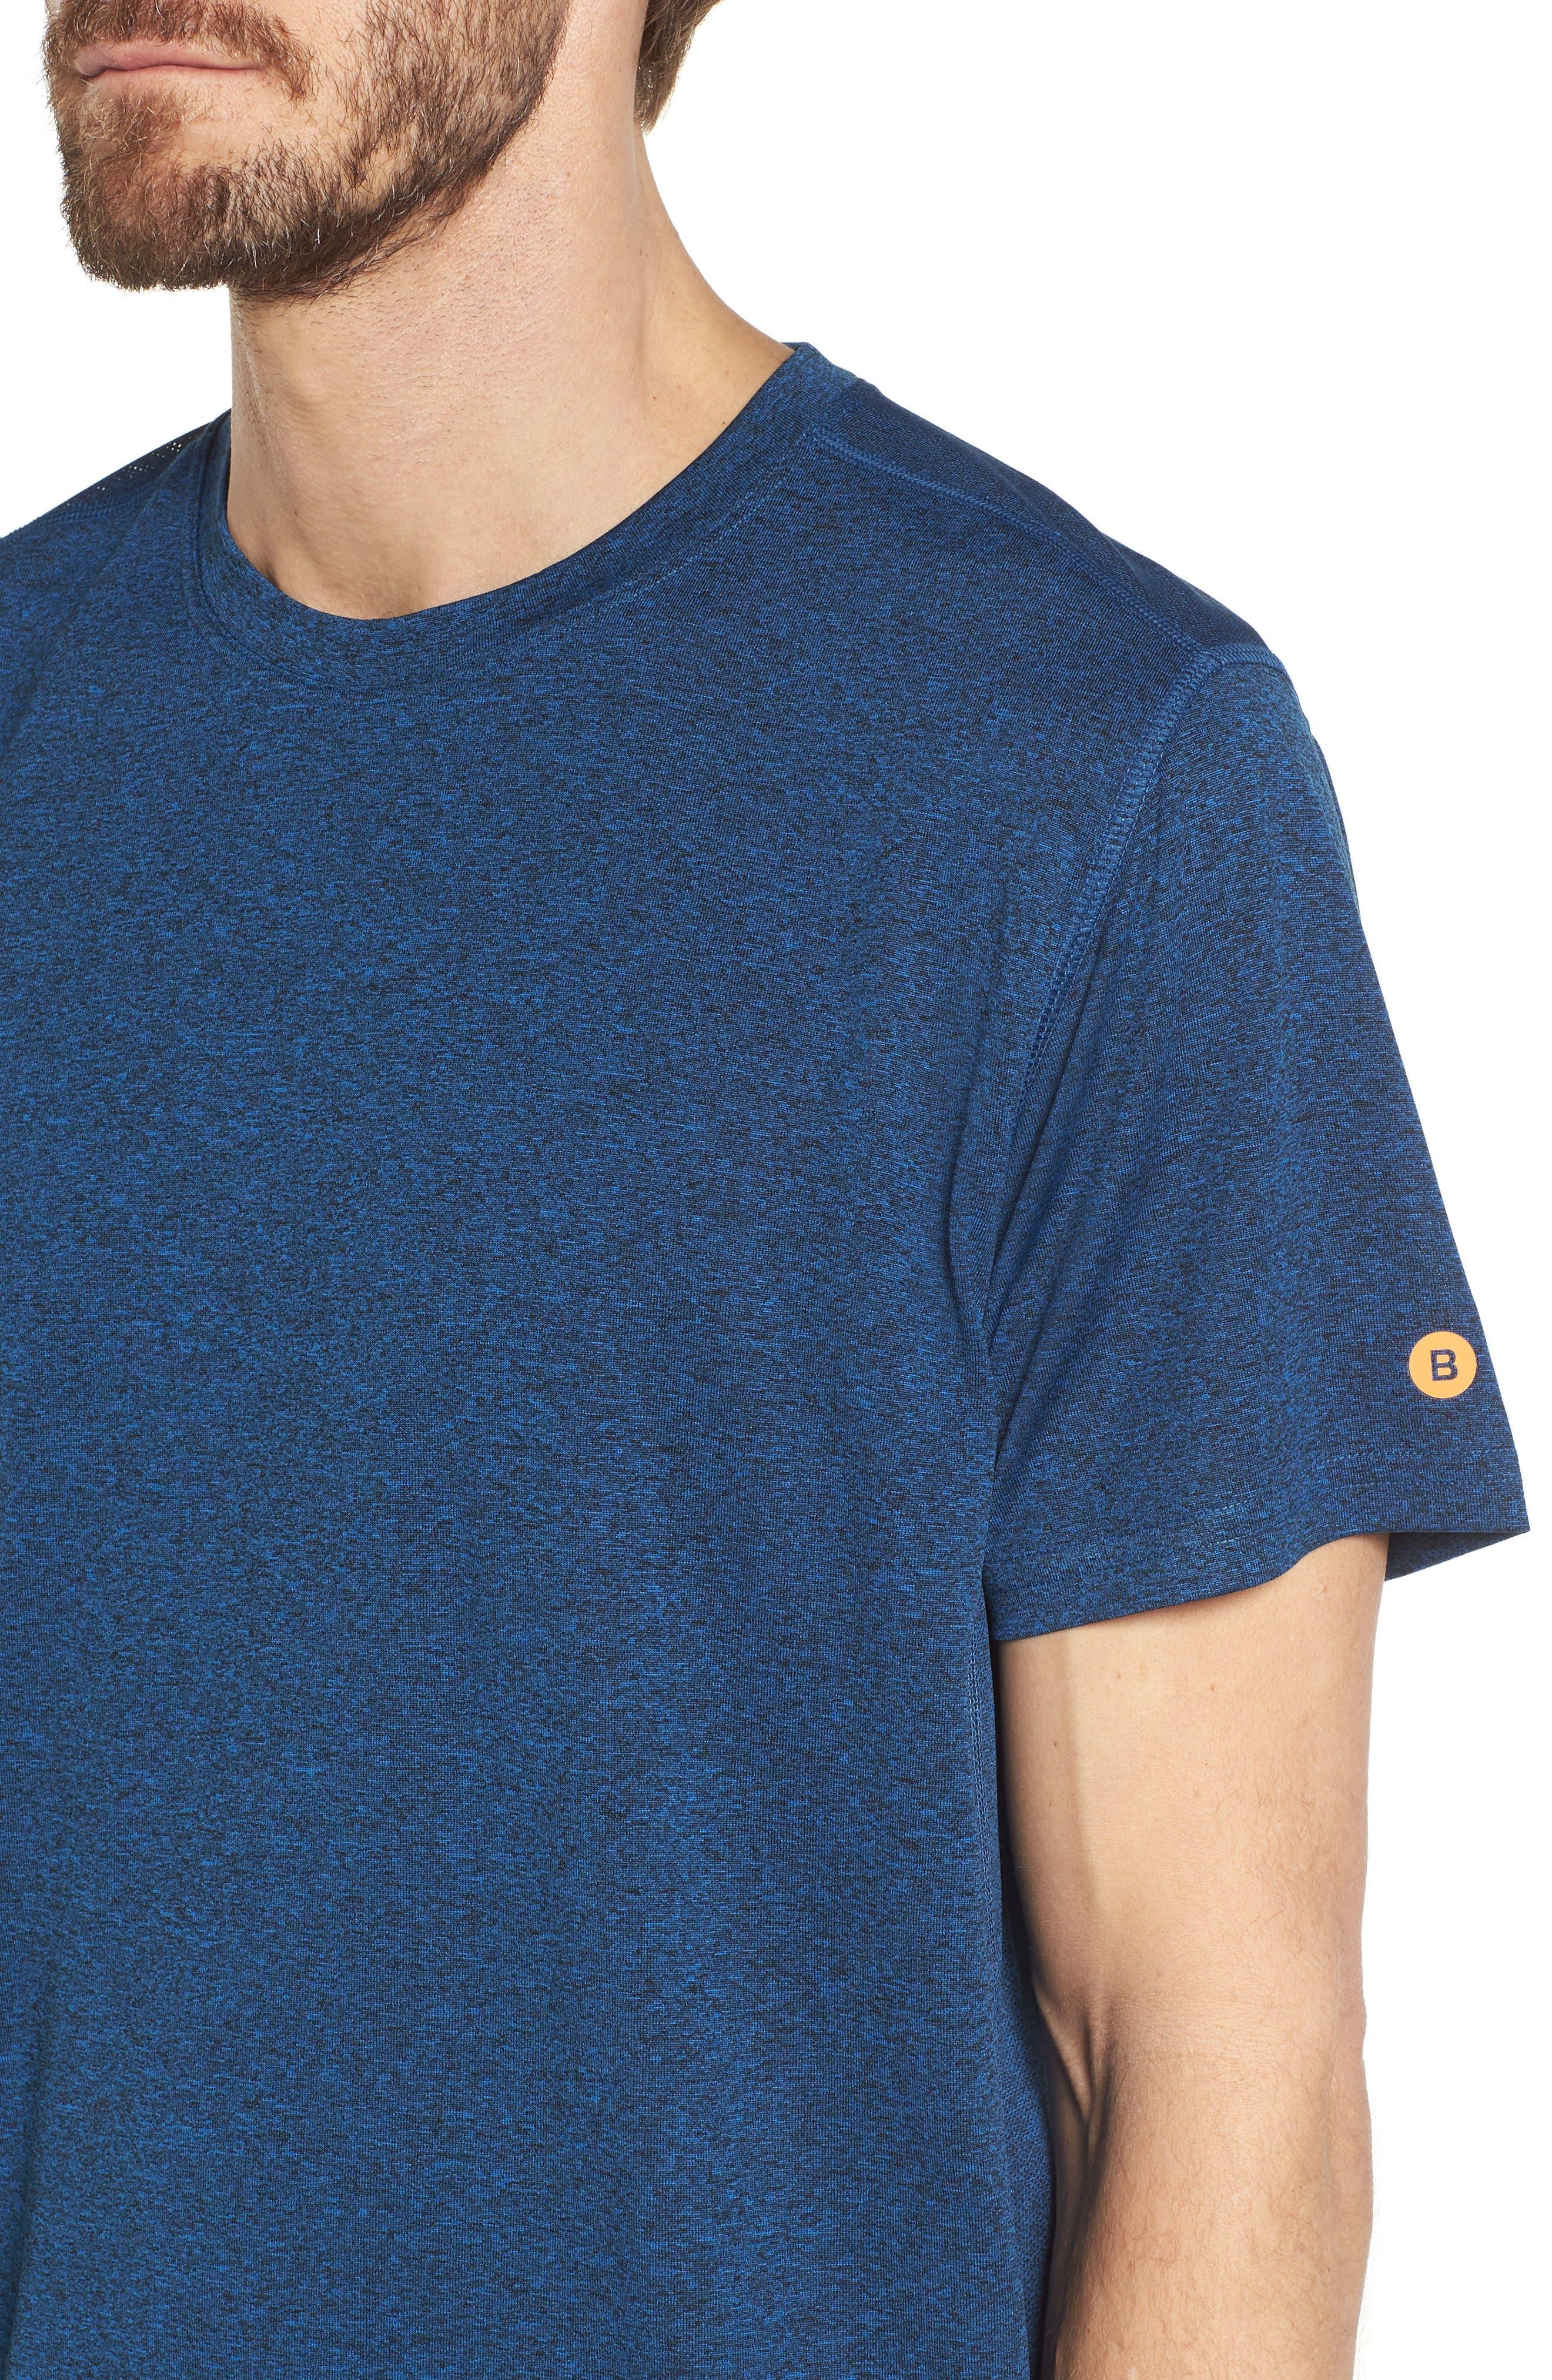 Goodsport Mesh Panel T-Shirt,                             Alternate thumbnail 4, color,                             LAPIS BLUE/ BLACK HEATHER